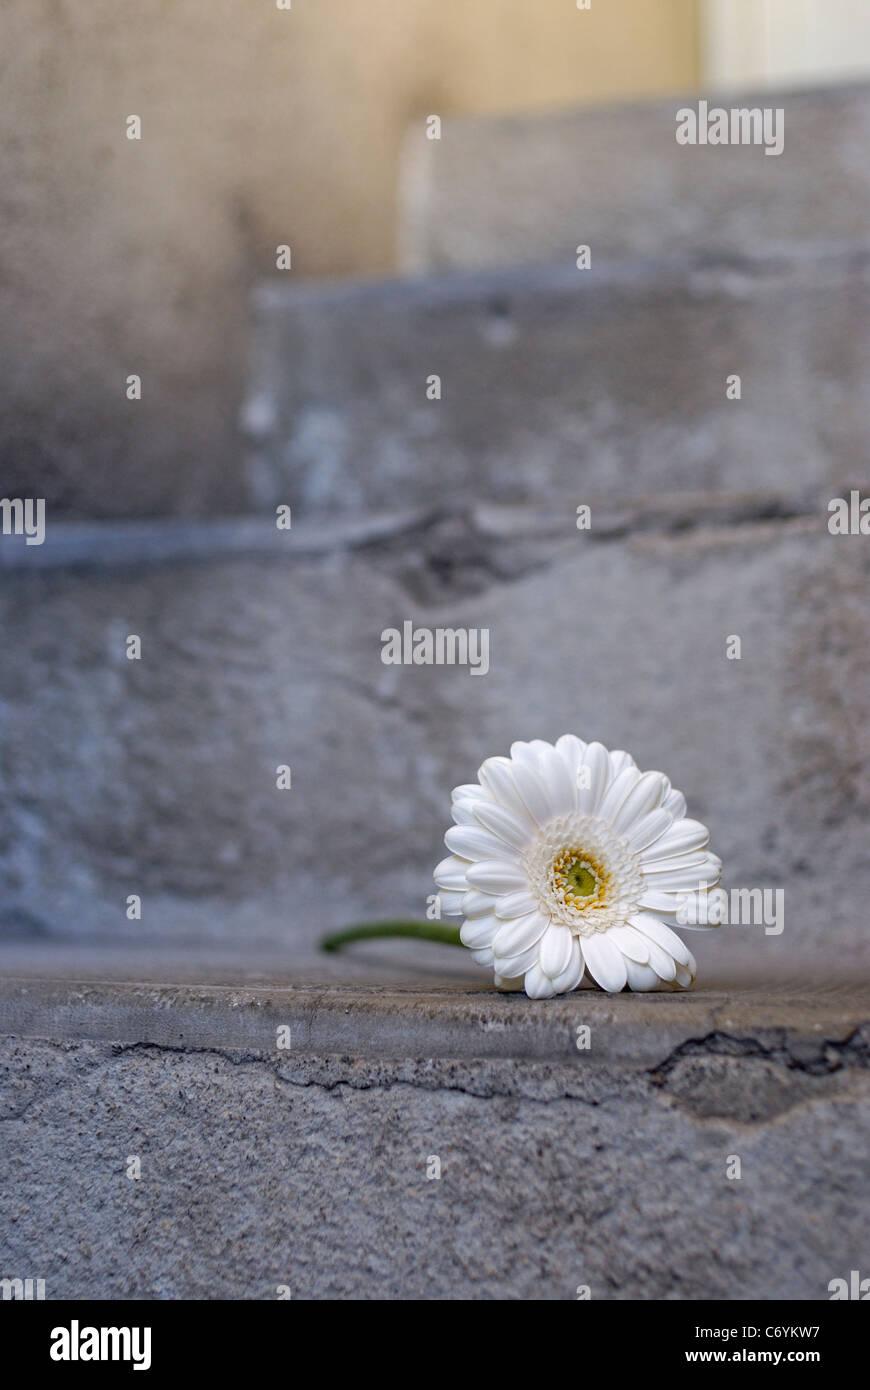 Fiore bianco sui passi concreti, close up Immagini Stock